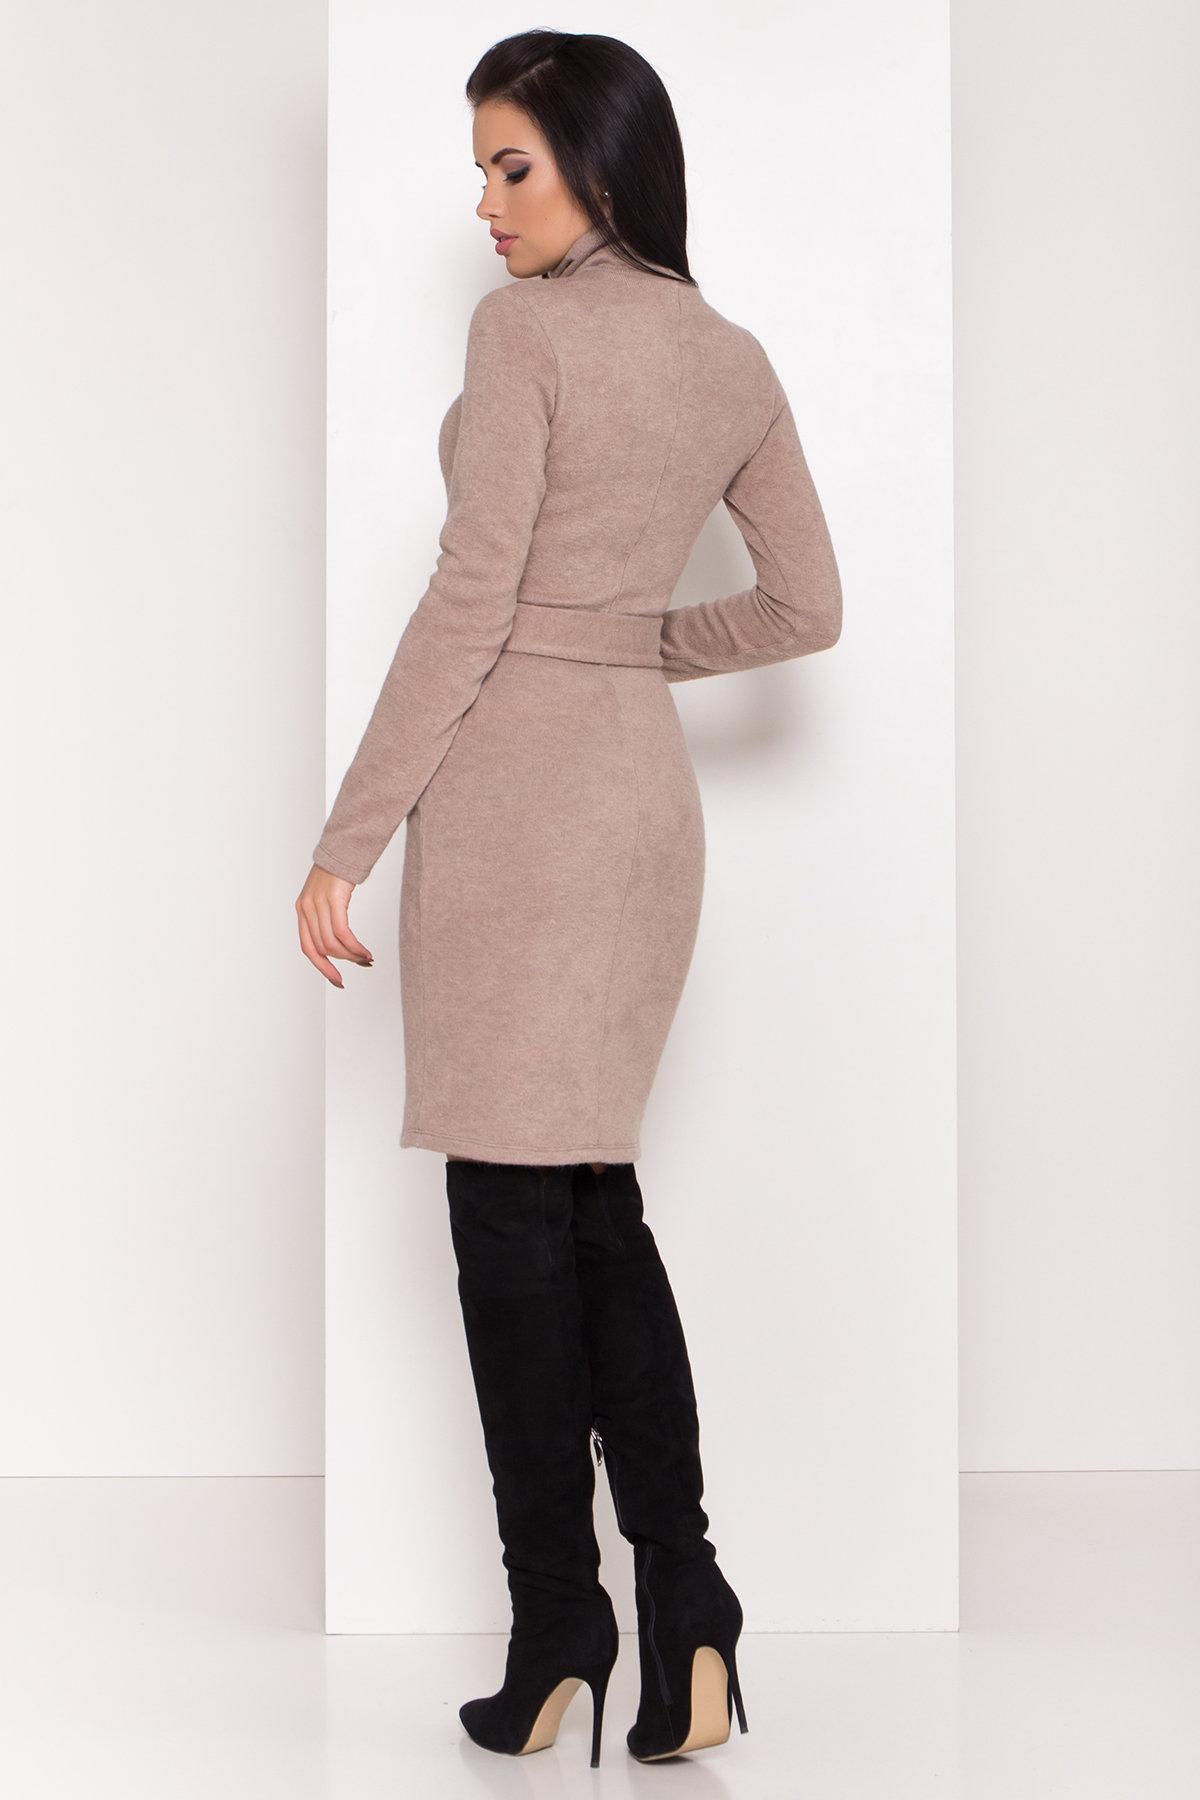 Платье из ангоры Вери 8258 АРТ. 44303 Цвет: бежевый - фото 3, интернет магазин tm-modus.ru